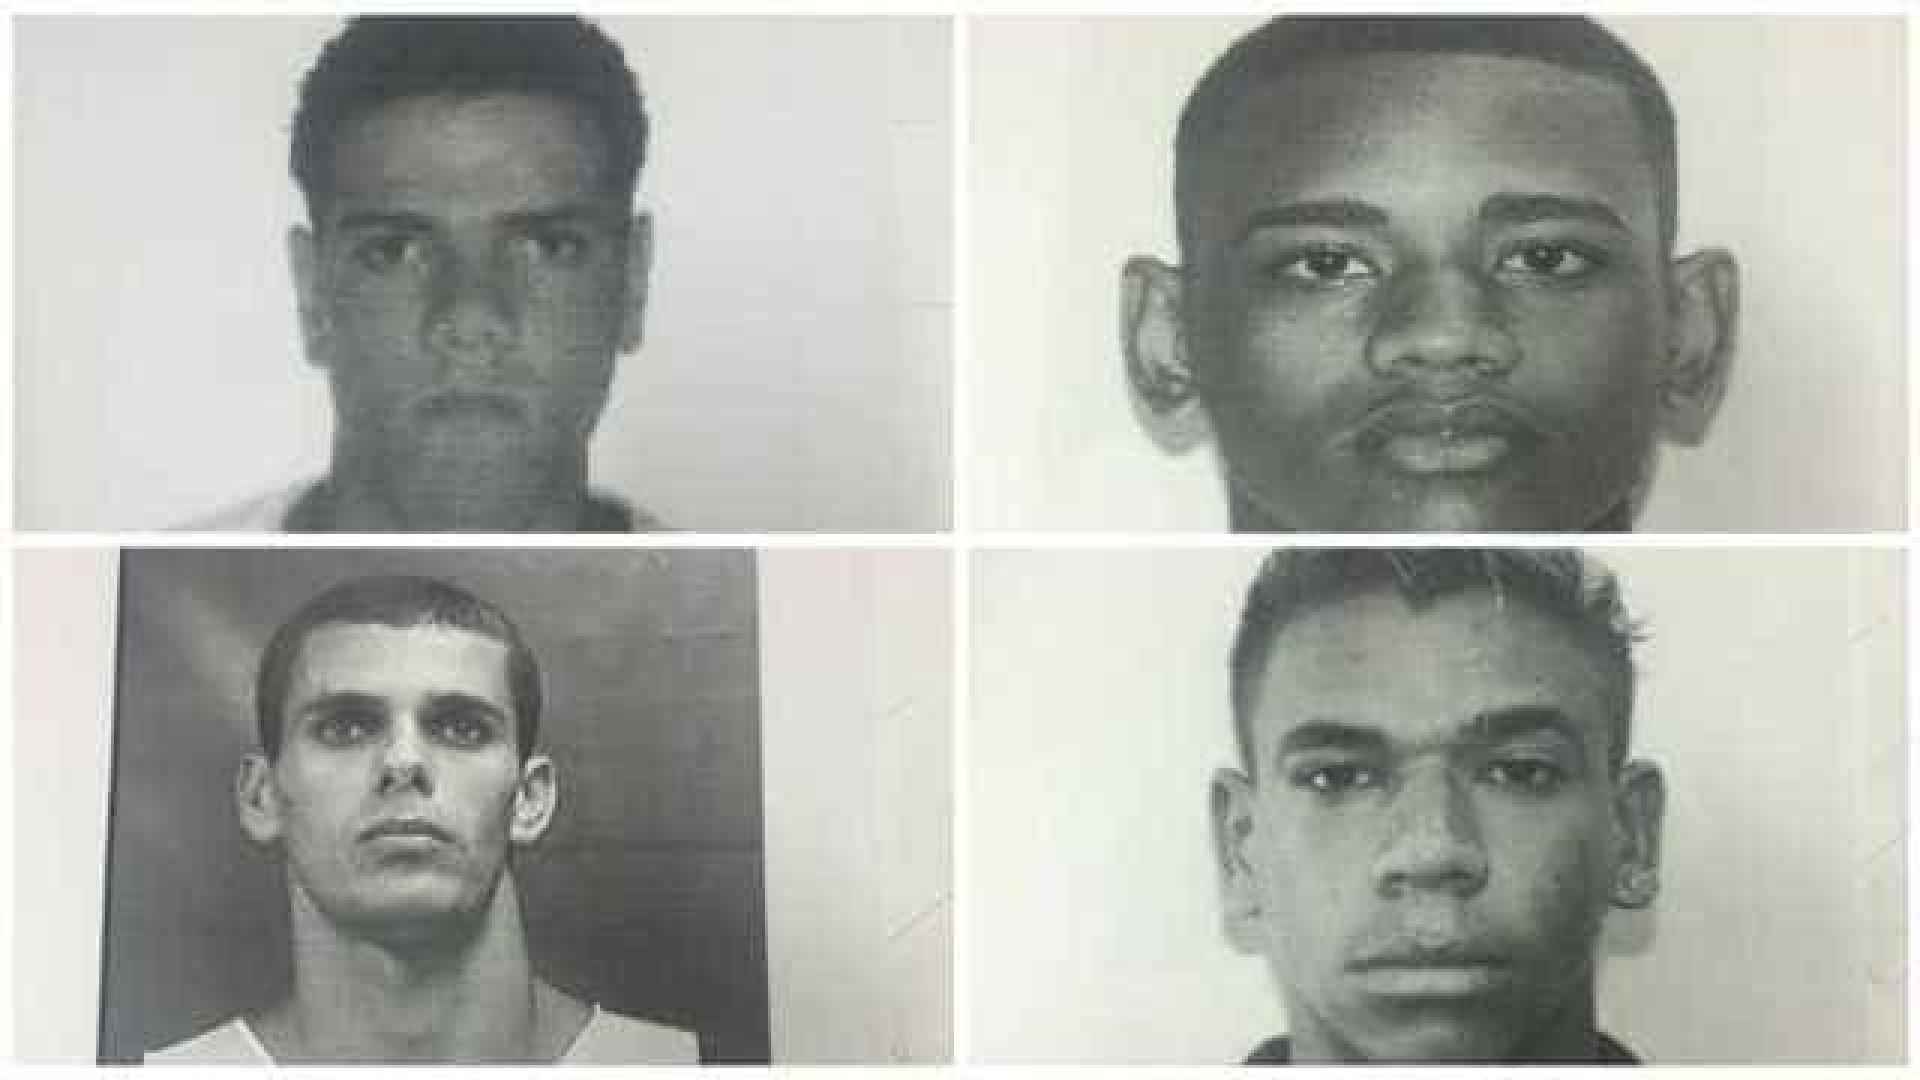 Polícia Civil realiza novas buscas aos suspeitos de estupro coletivo no RJ